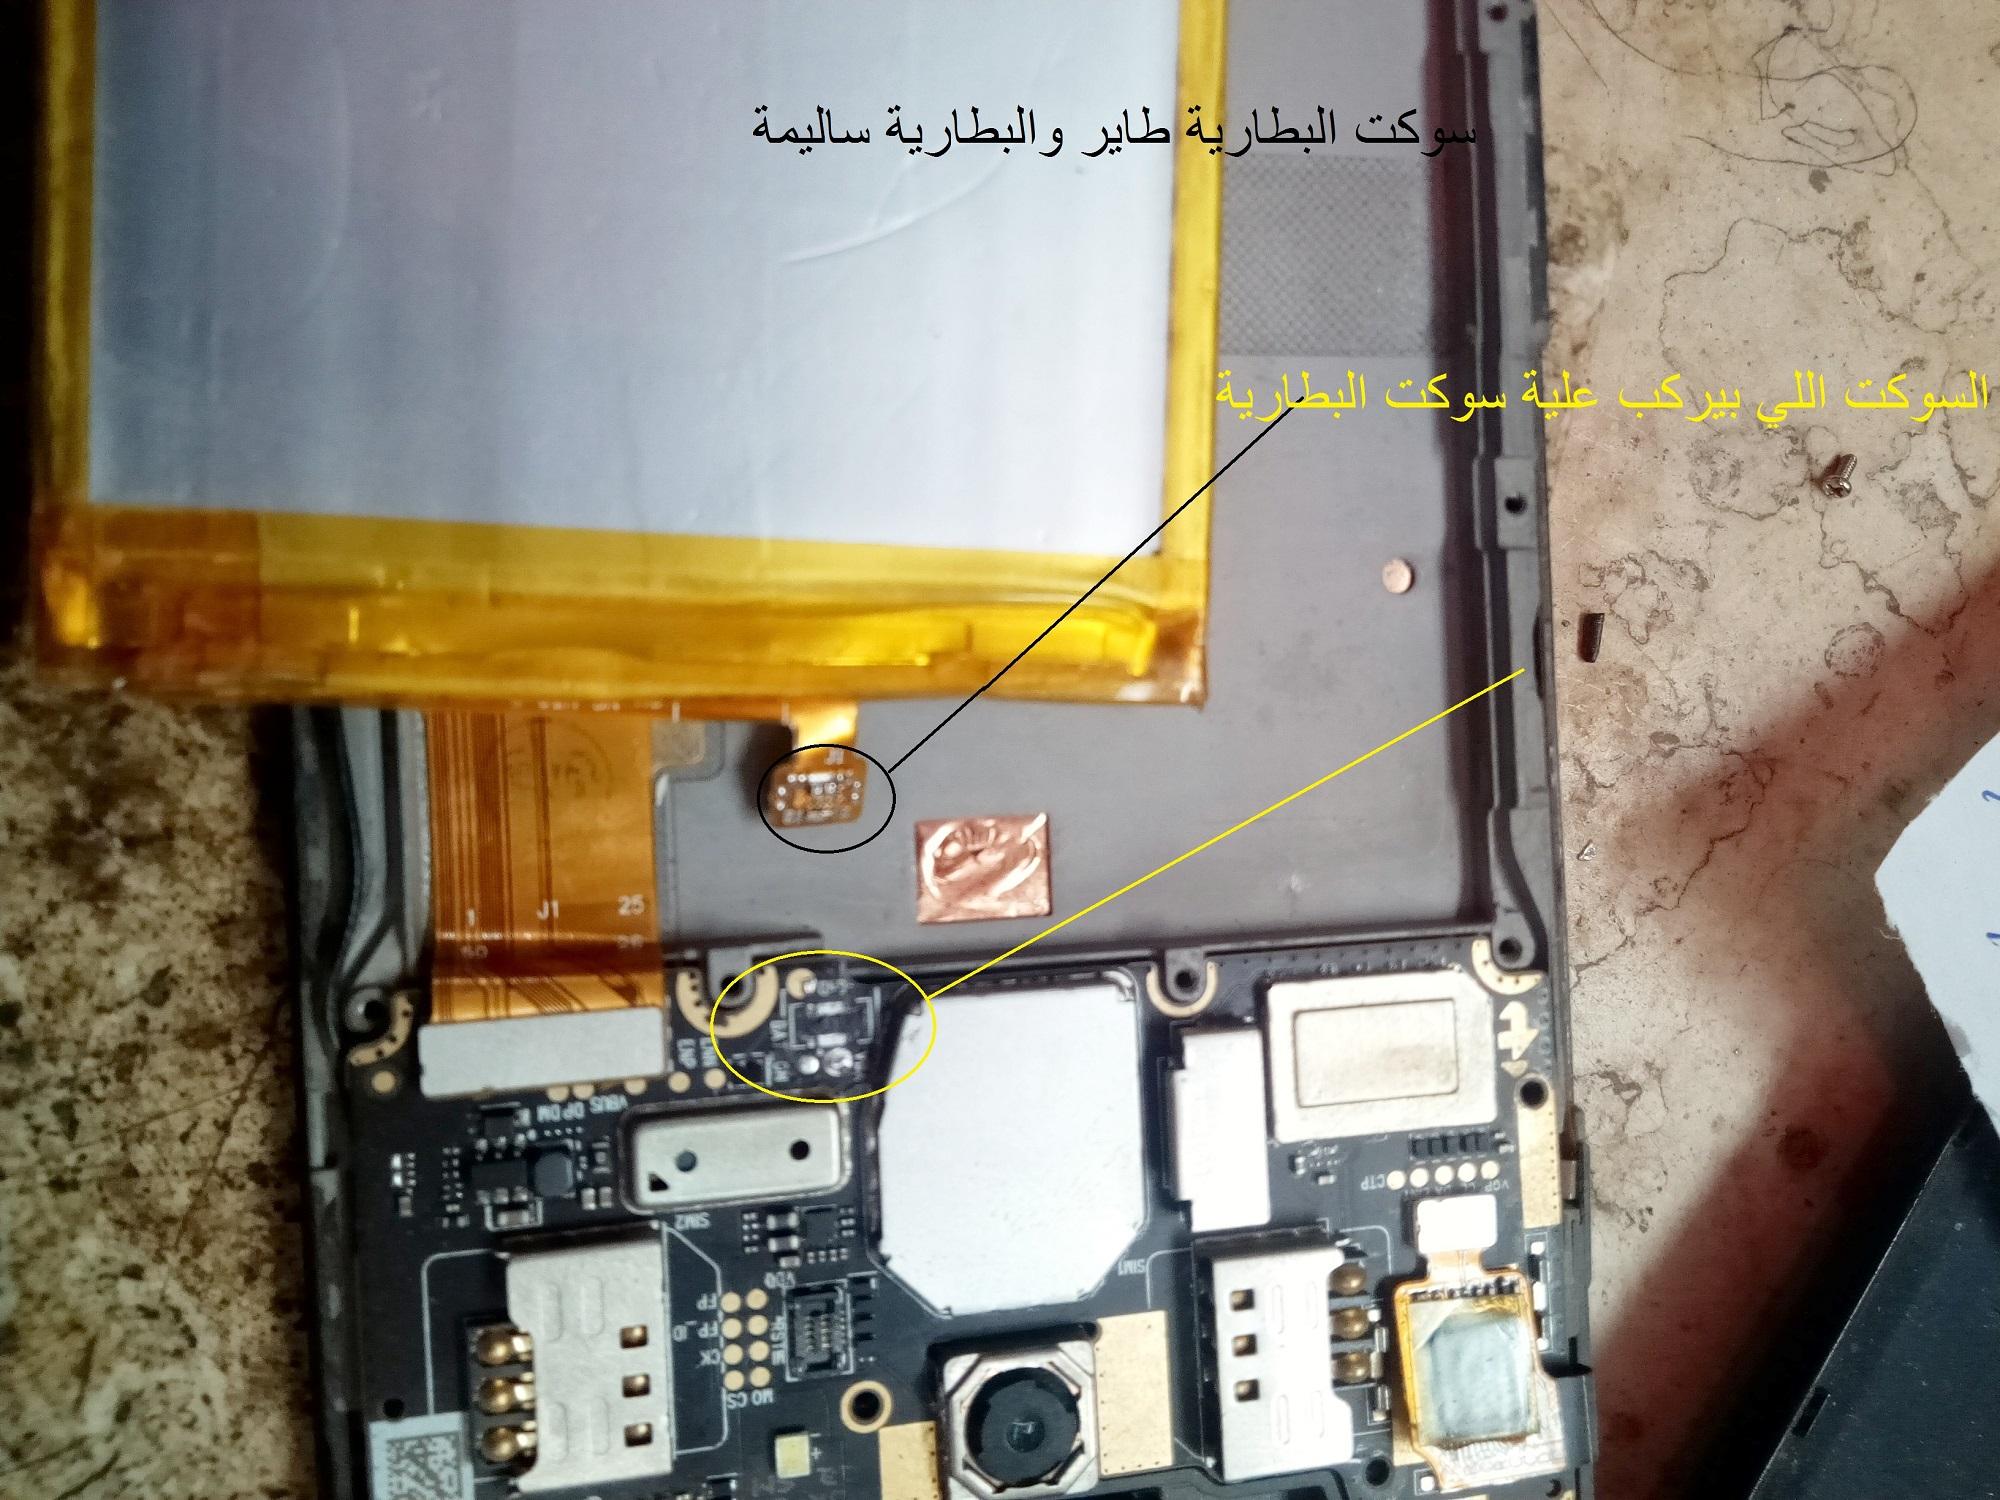 سوكت البطاريه X601 - X557 حل - الصفحة 1